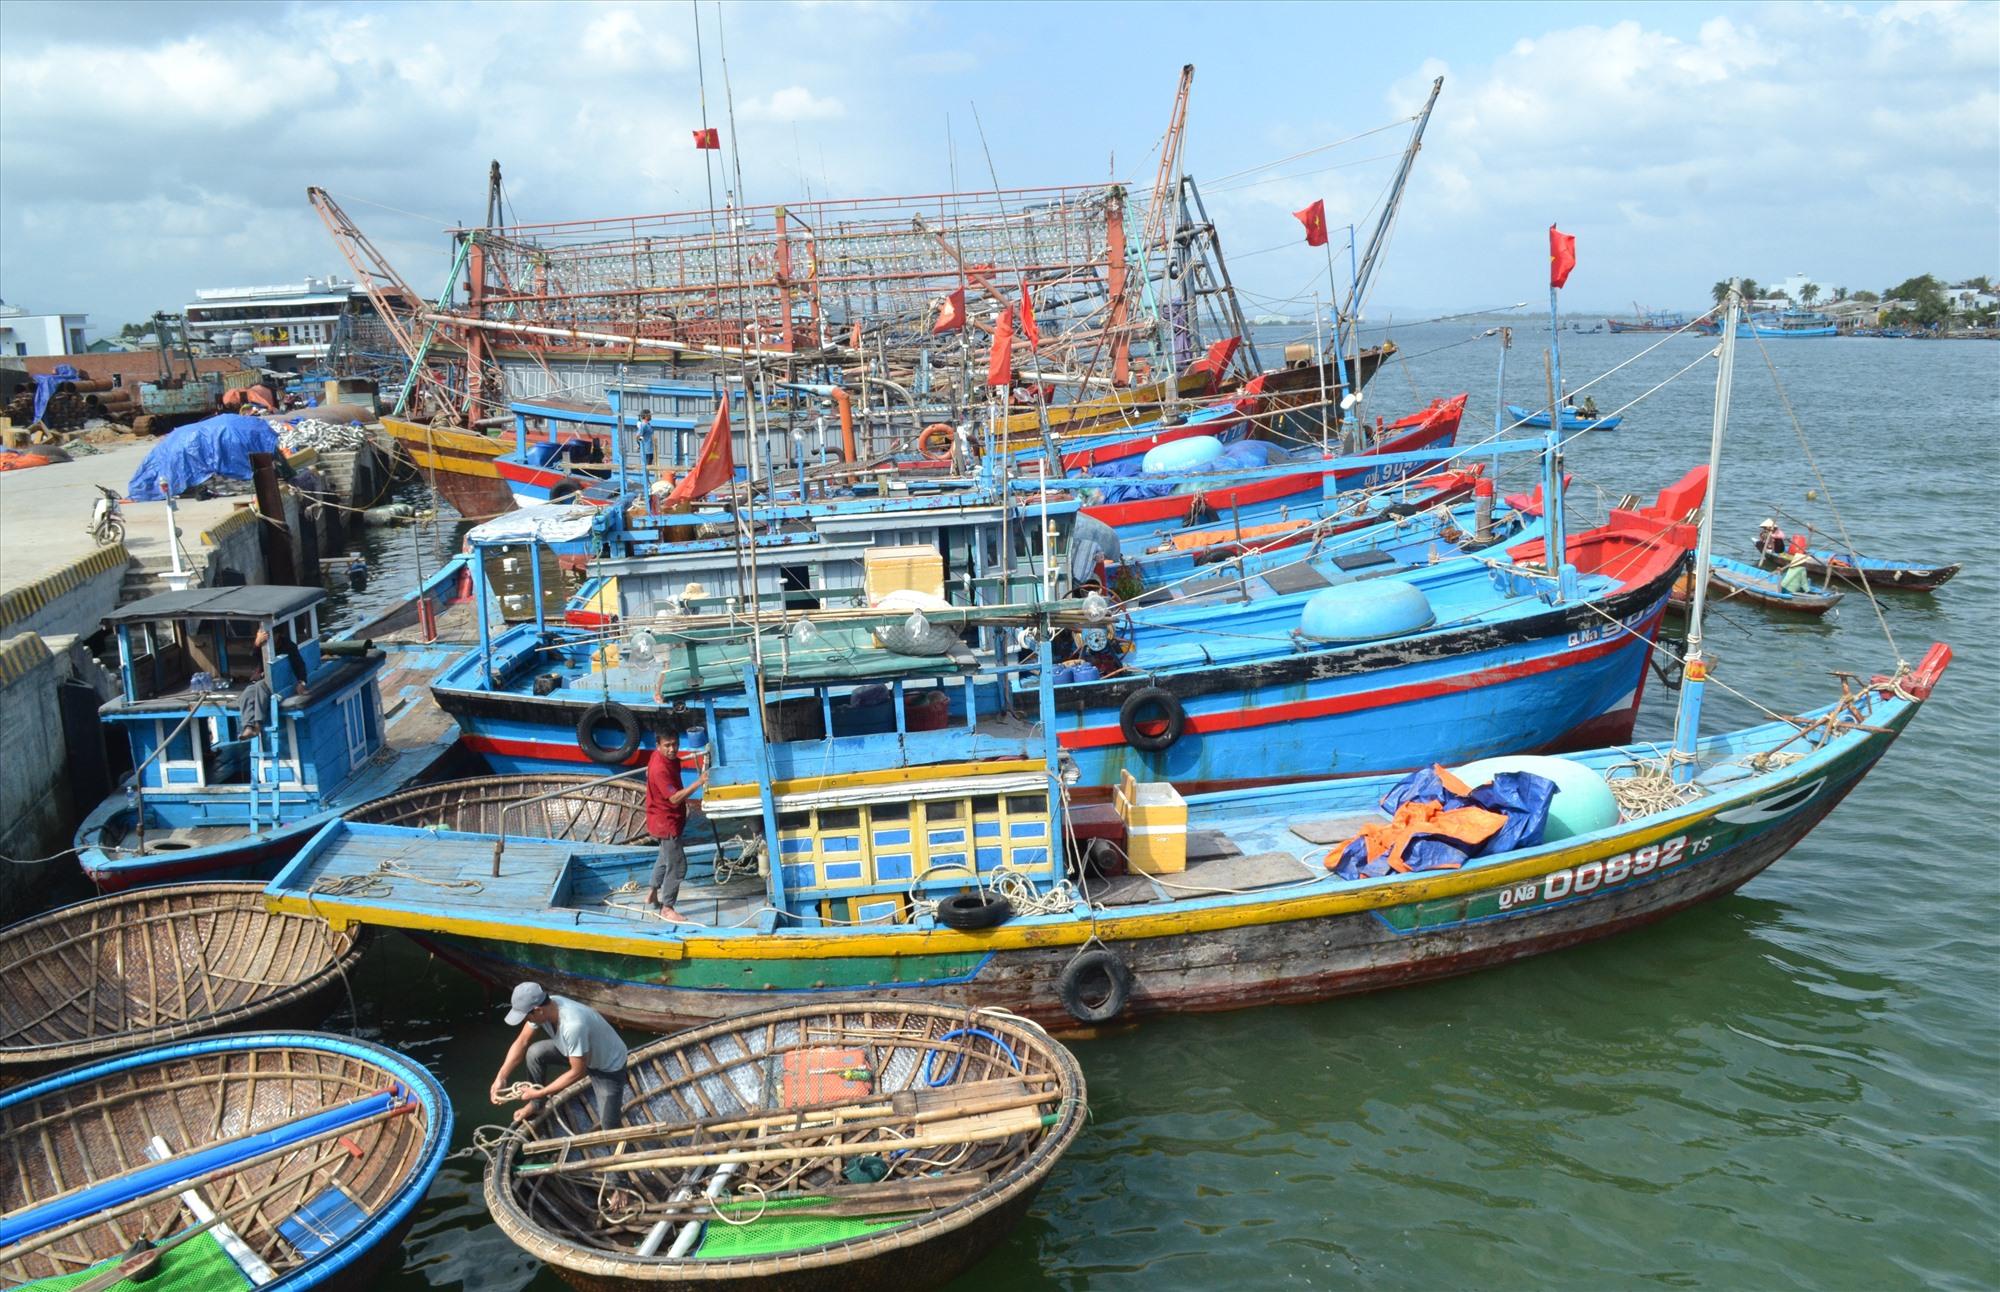 Ngư dân trong tỉnh chuẩn bị ra khơi khai thác hải sản vụ chính trong năm. Ảnh: VIỆT NGUYỄN